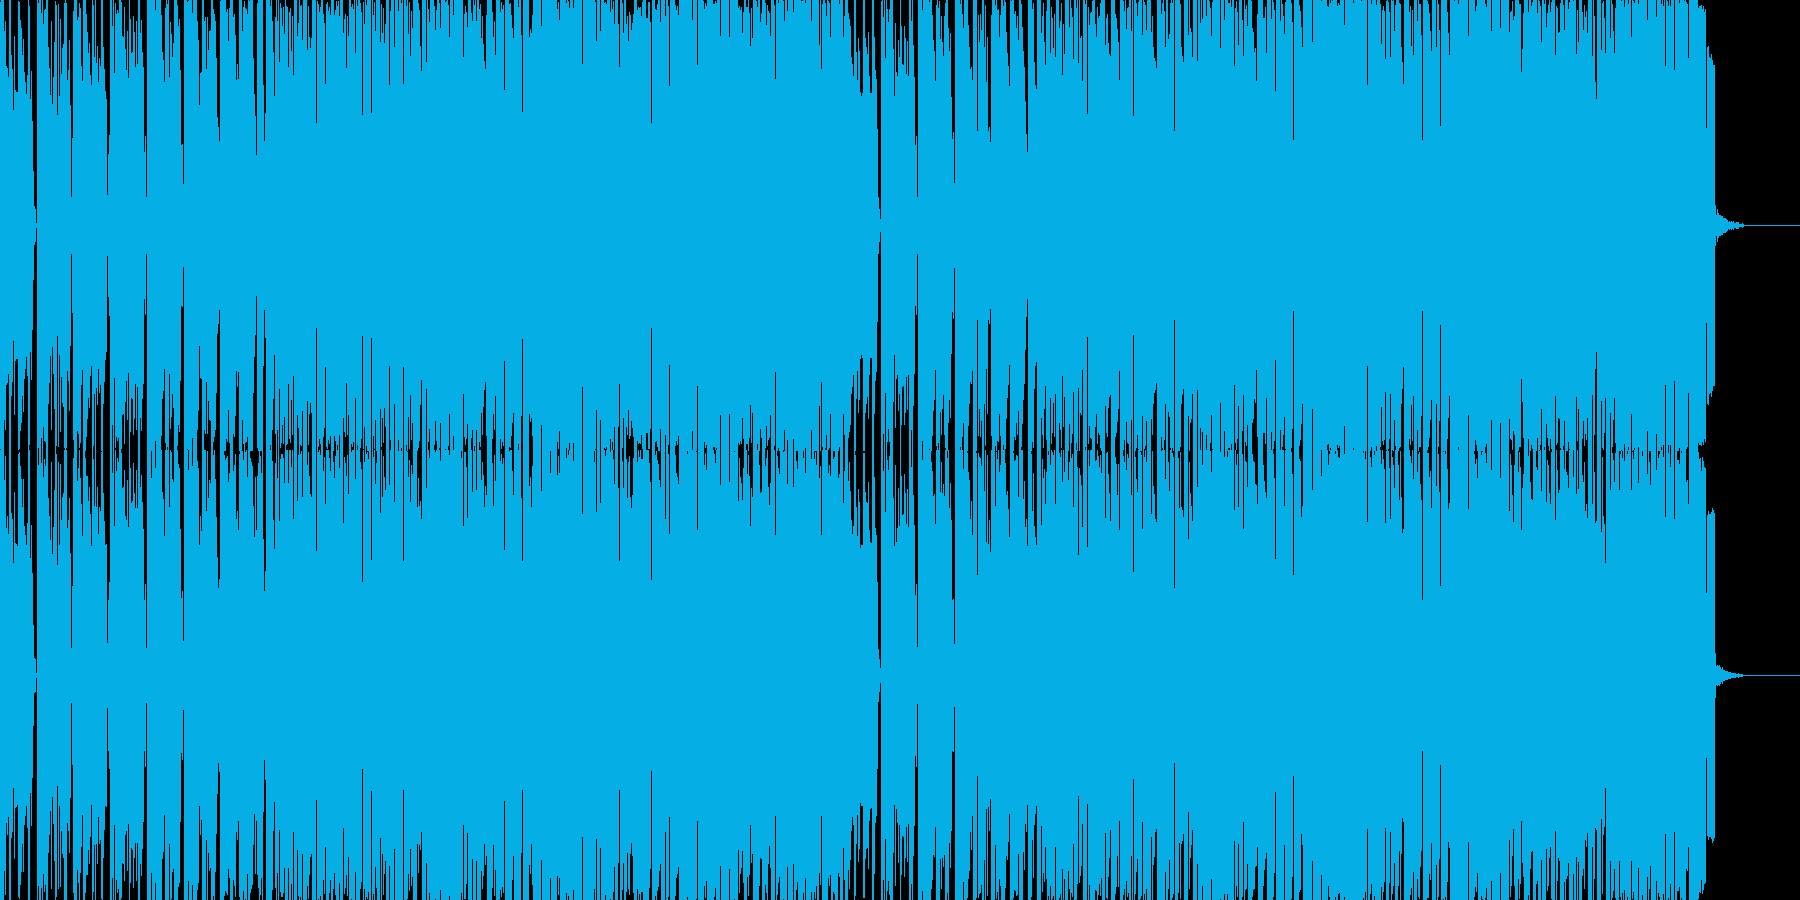 「威風堂々」テクノポップリミックスの再生済みの波形